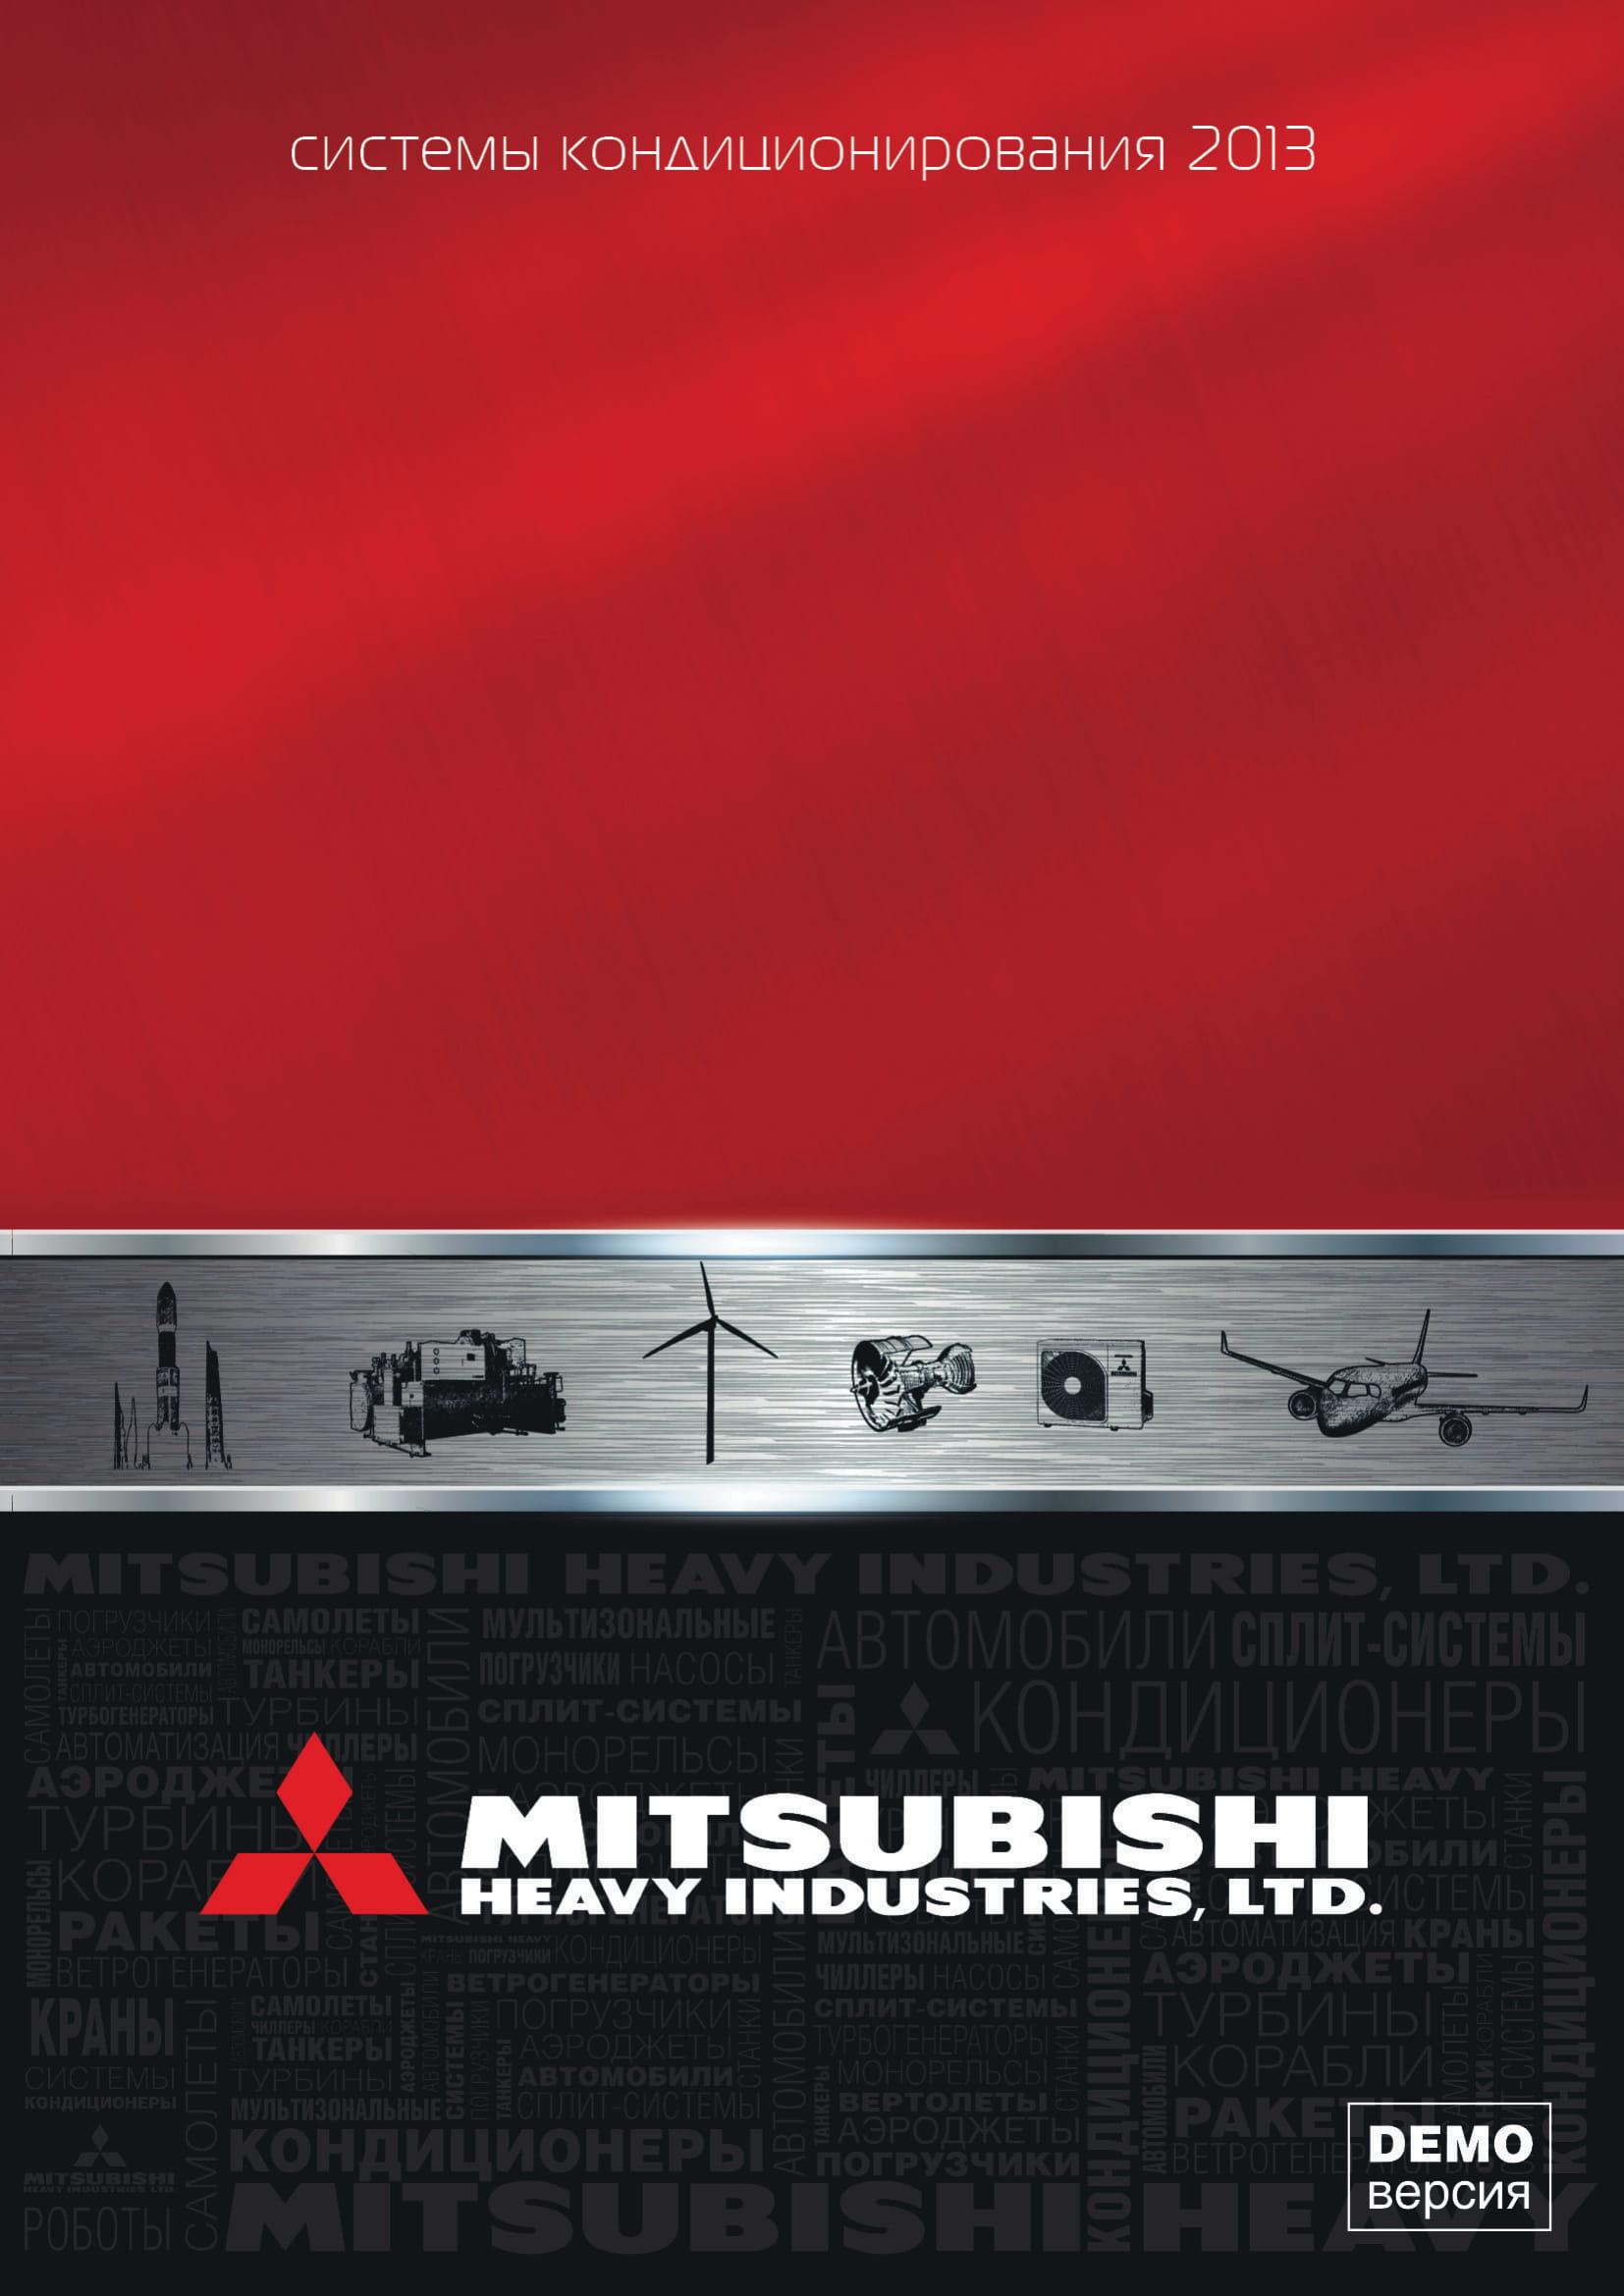 MITSUBISHI HEAVY каталог 2013